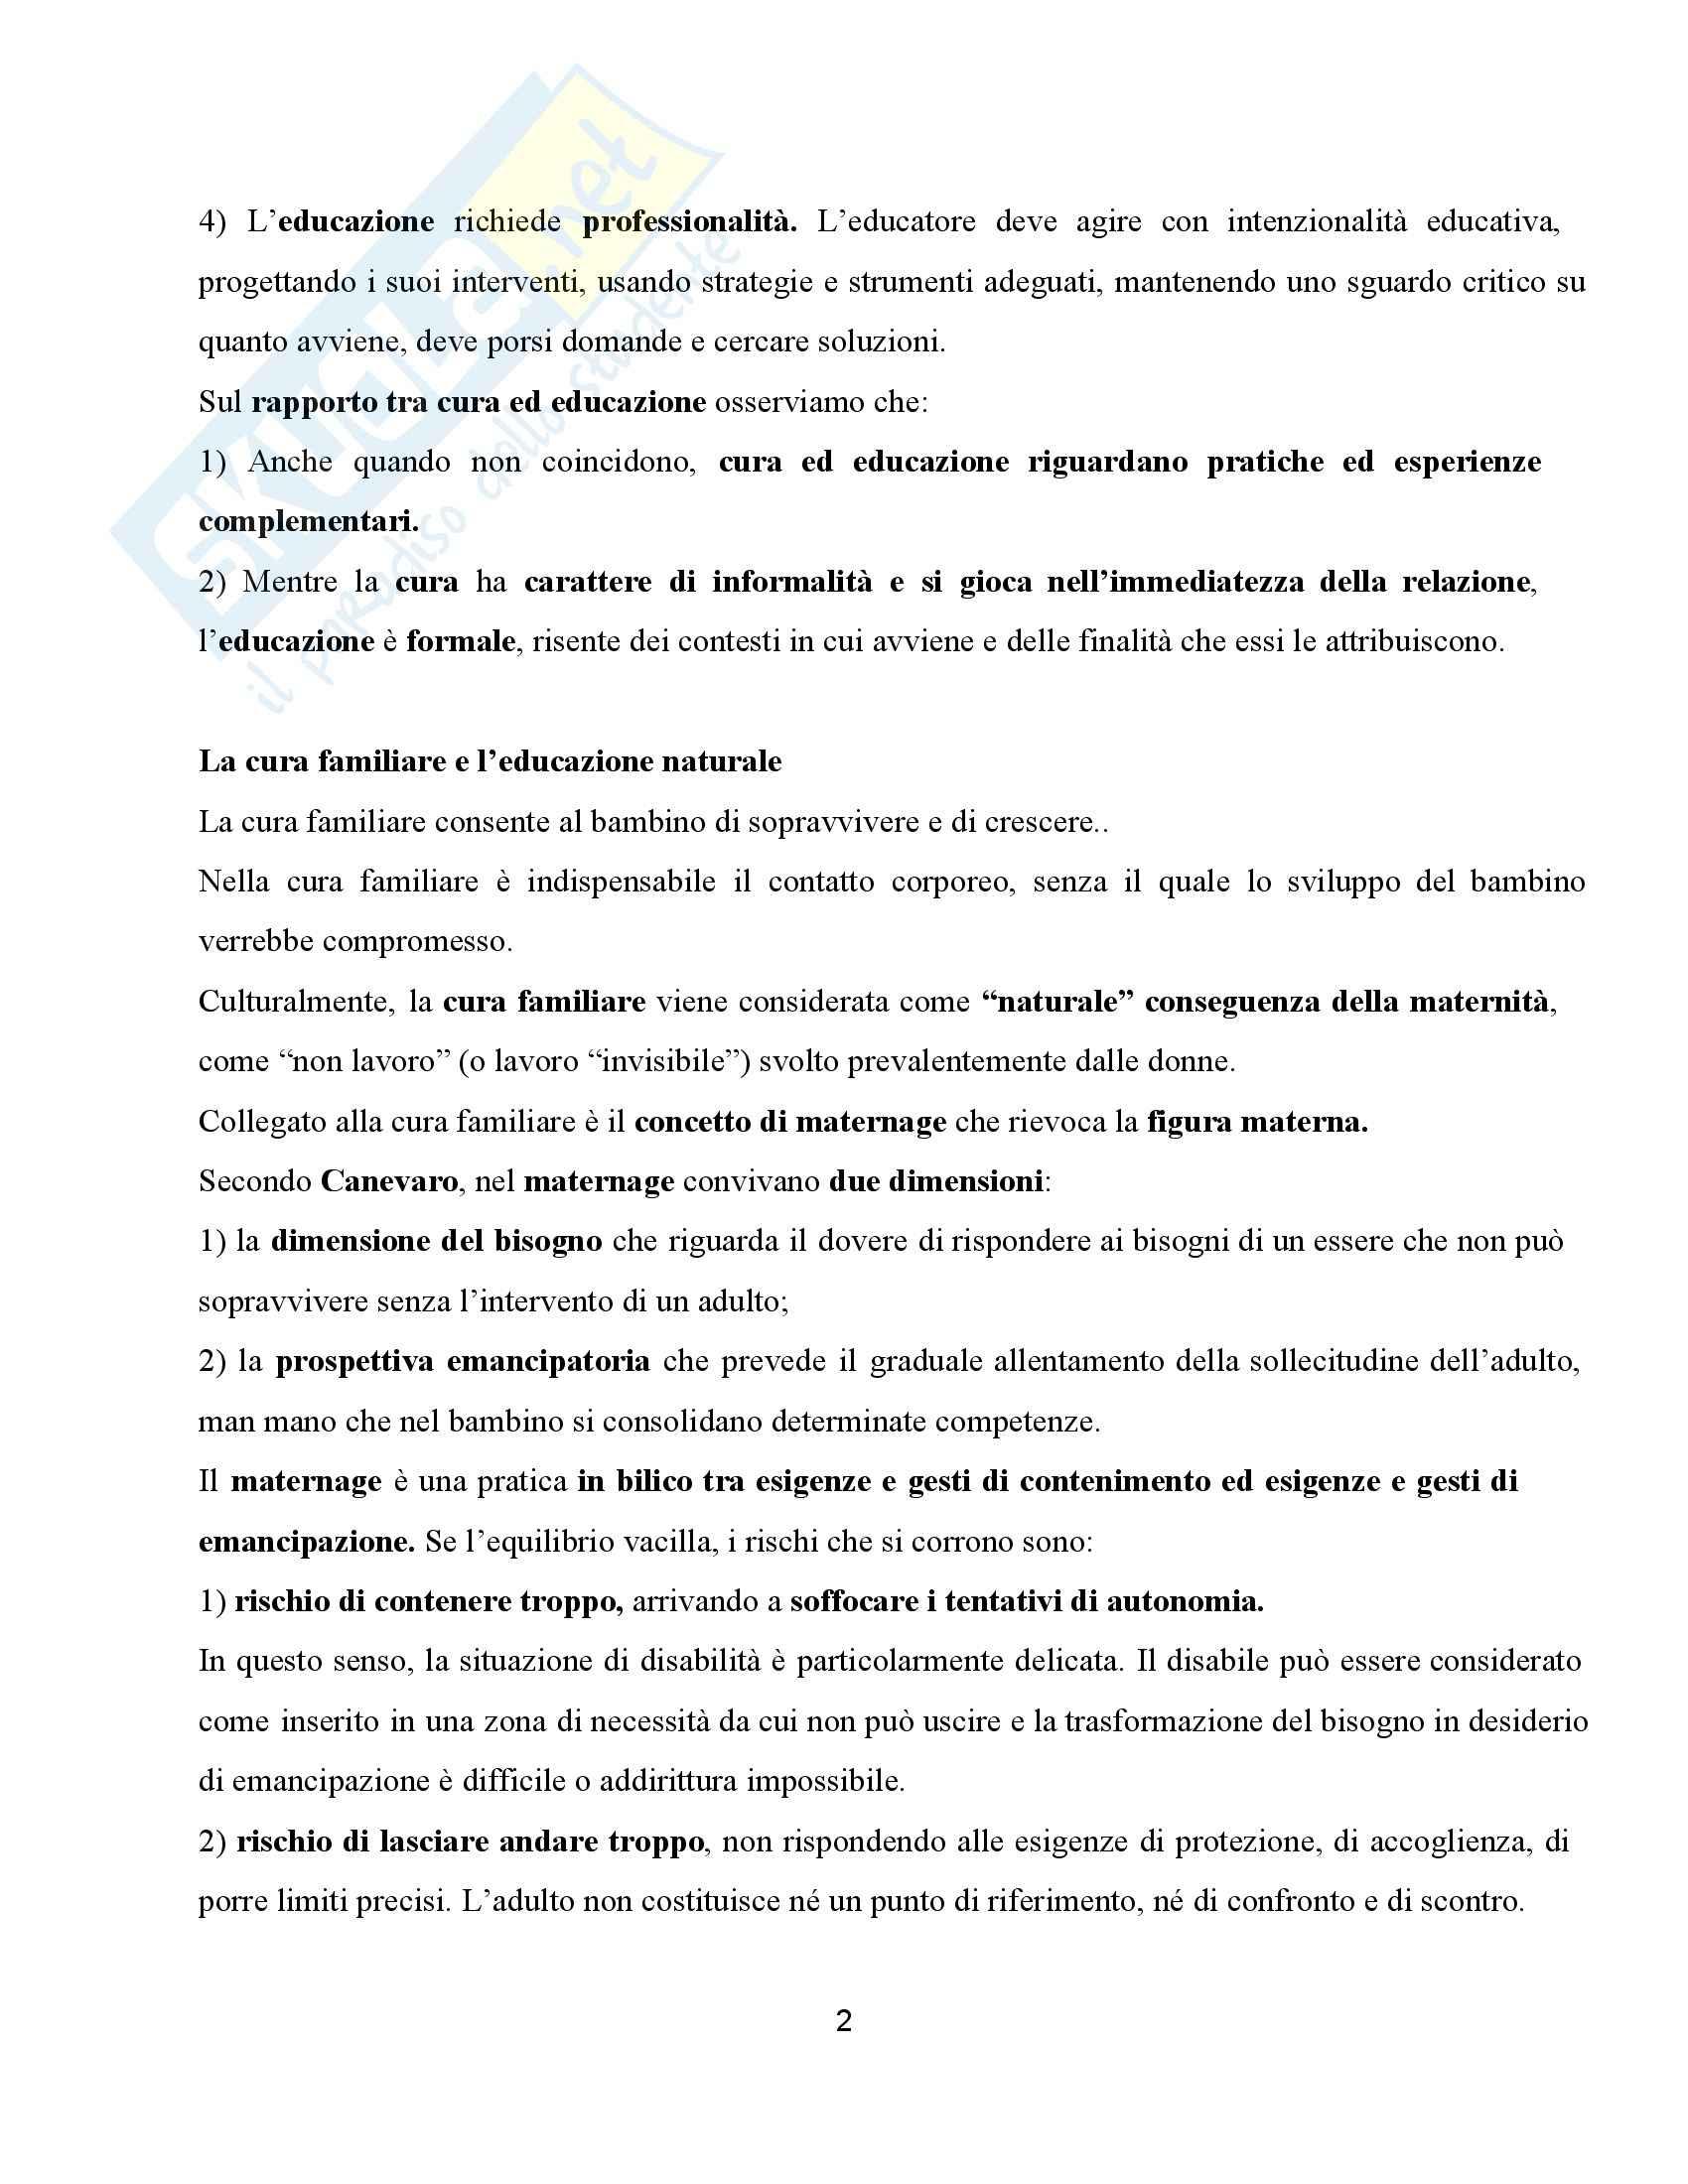 Riassunto esame Ppedagogia dell'inclusione, prof. Palmieri, libri consigliati Non di sola relazione - Un'esperienza di cui aver cura Pag. 2